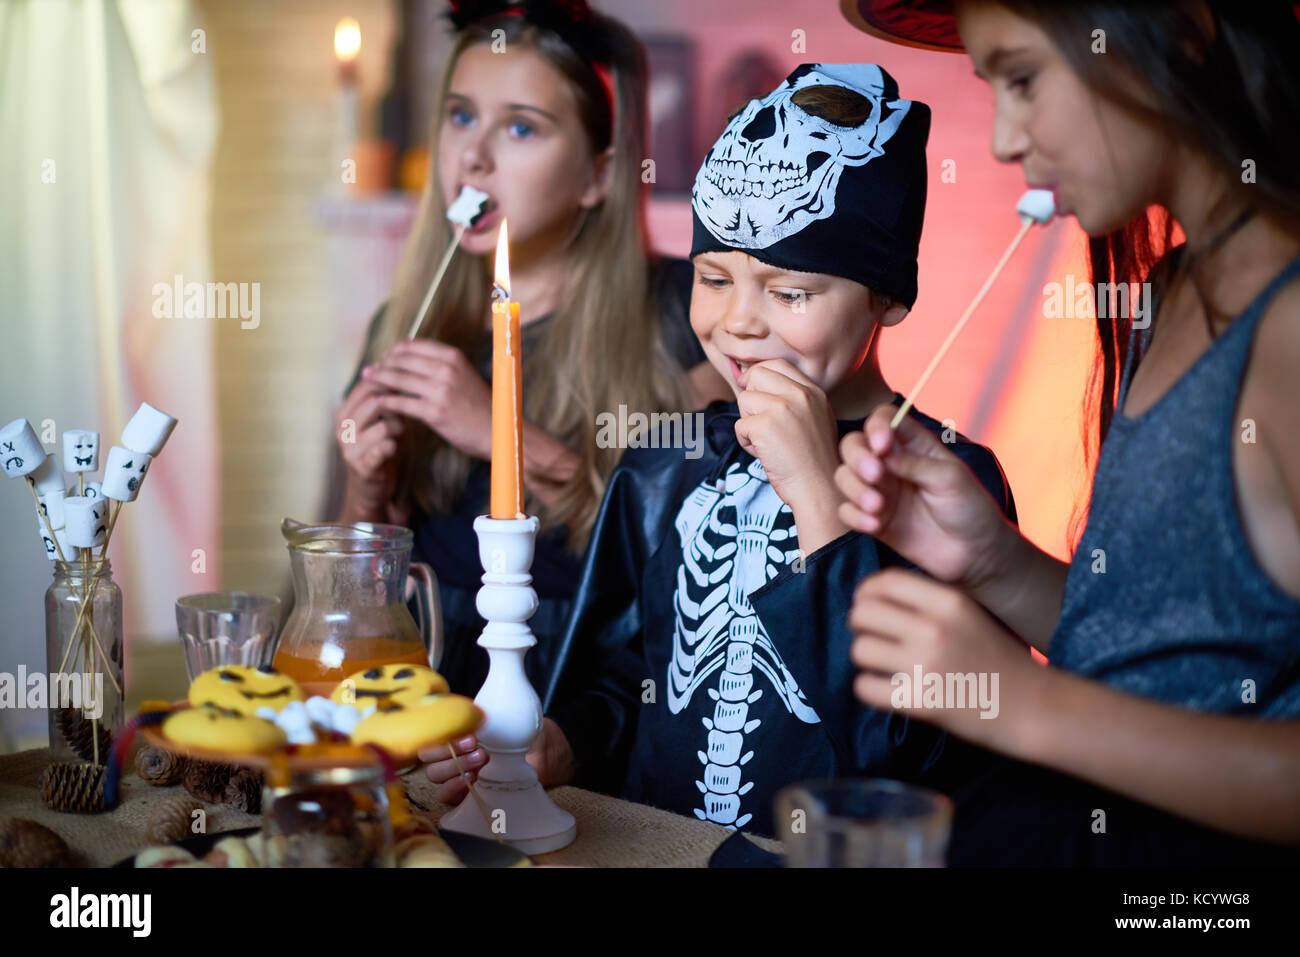 Retrato de chico guapo vistiendo trajes de esqueleto disfrutar de sabrosas frituras malvaviscos mientras se celebra Imagen De Stock